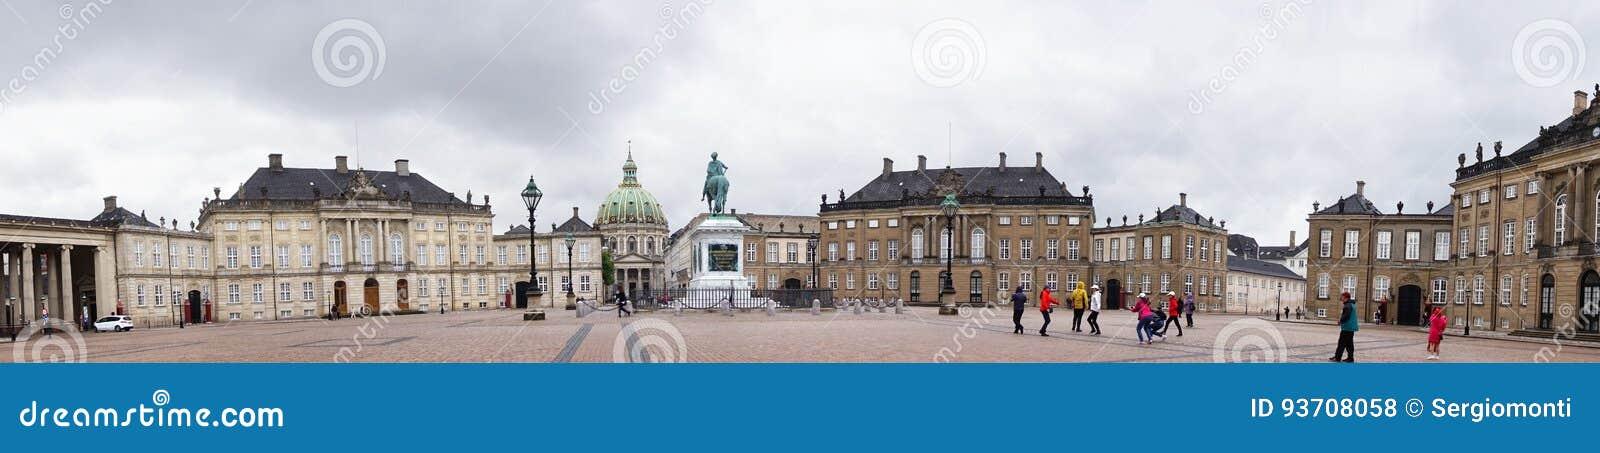 COPENHAGUE, DANEMARK - 31 MAI 2017 : Place d Amalienborg Slotsplads avec une statue équestre monumentale de fondateur du ` s d Am